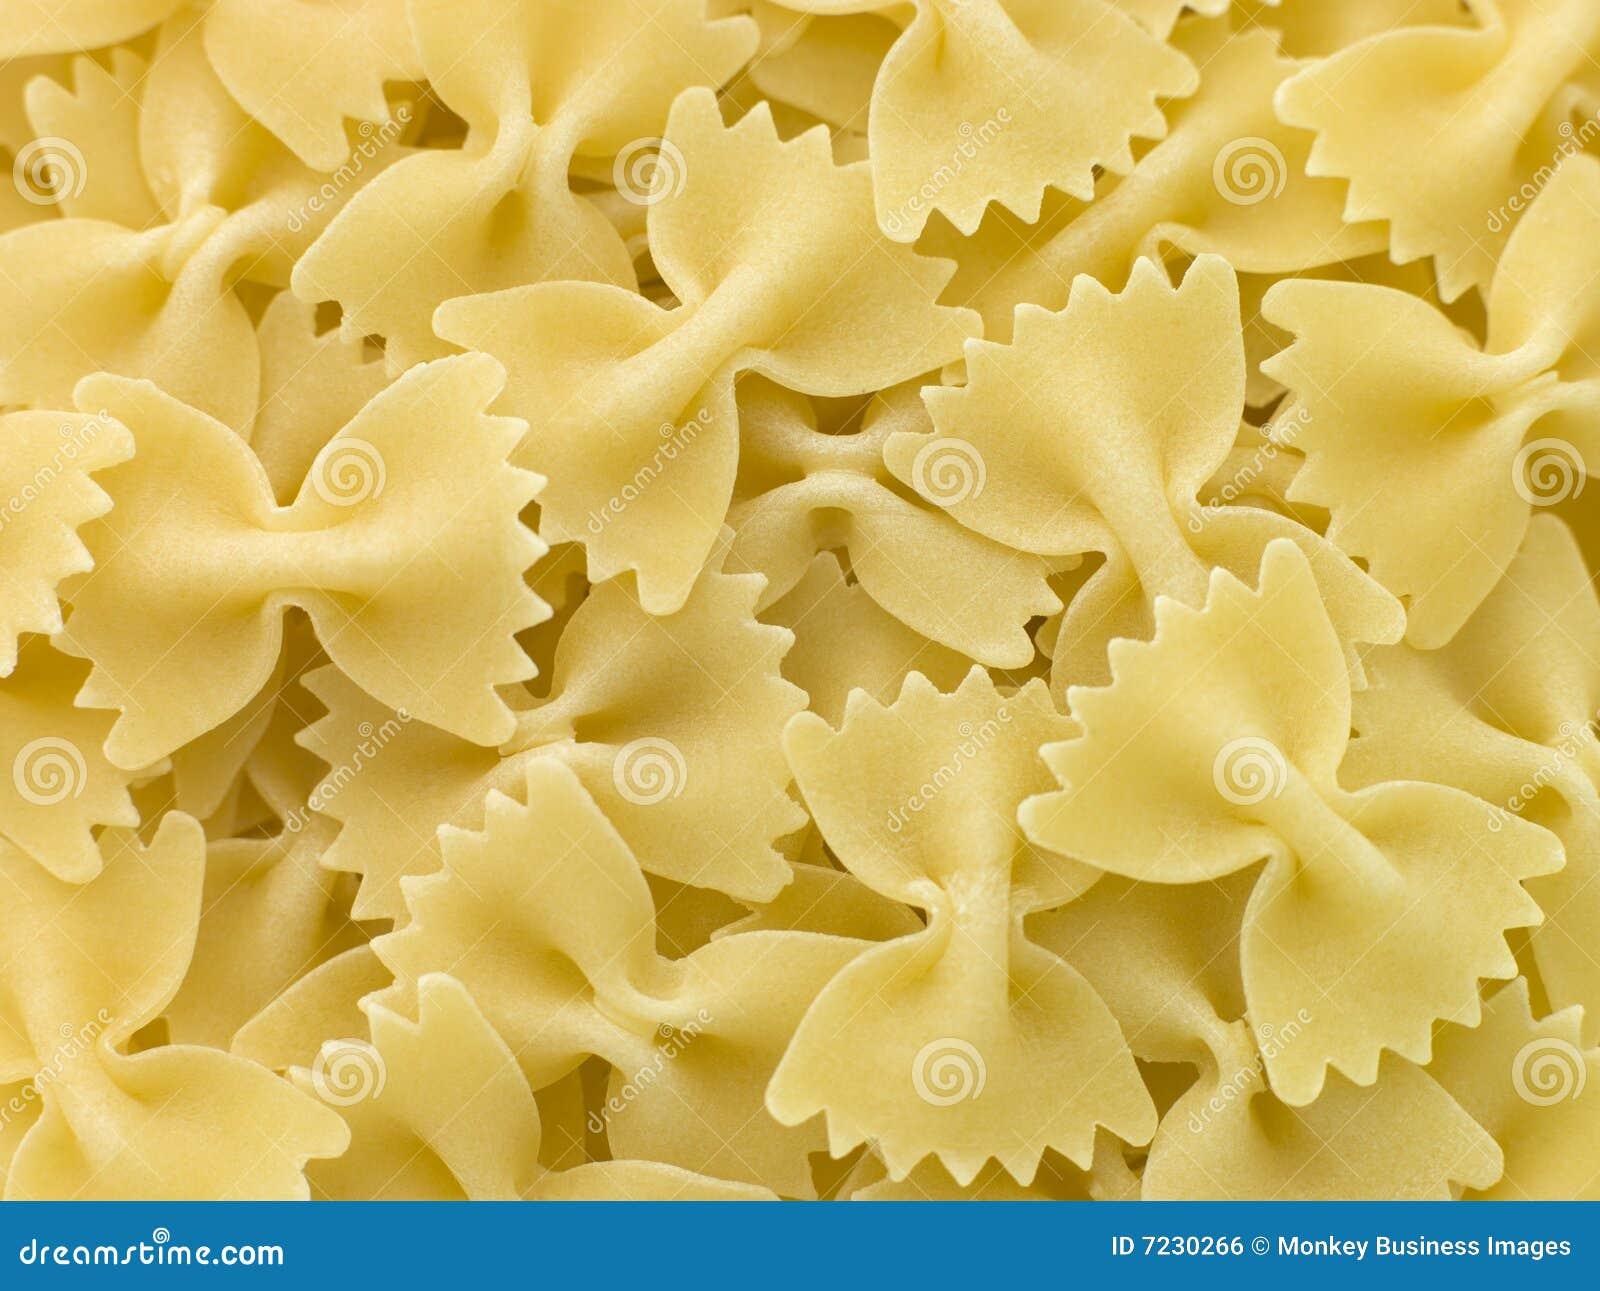 Pasta, Farfalle